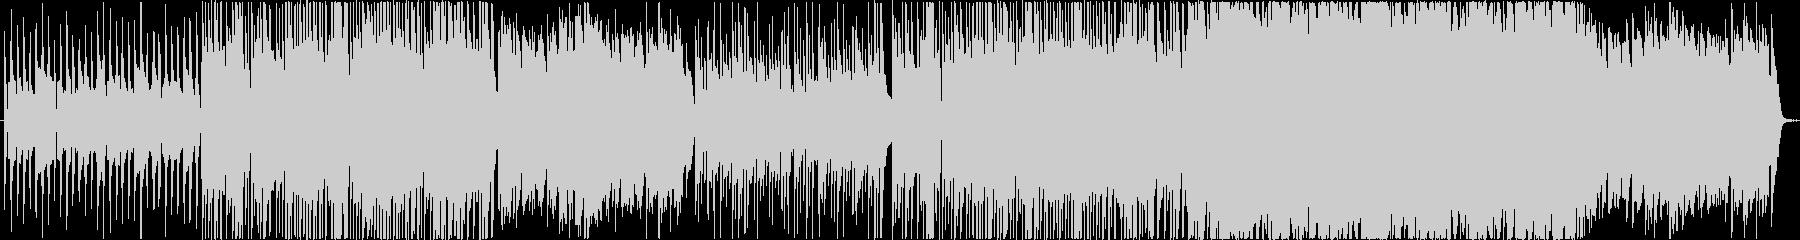 ノスタルジックでのどかなアンサンブルの未再生の波形